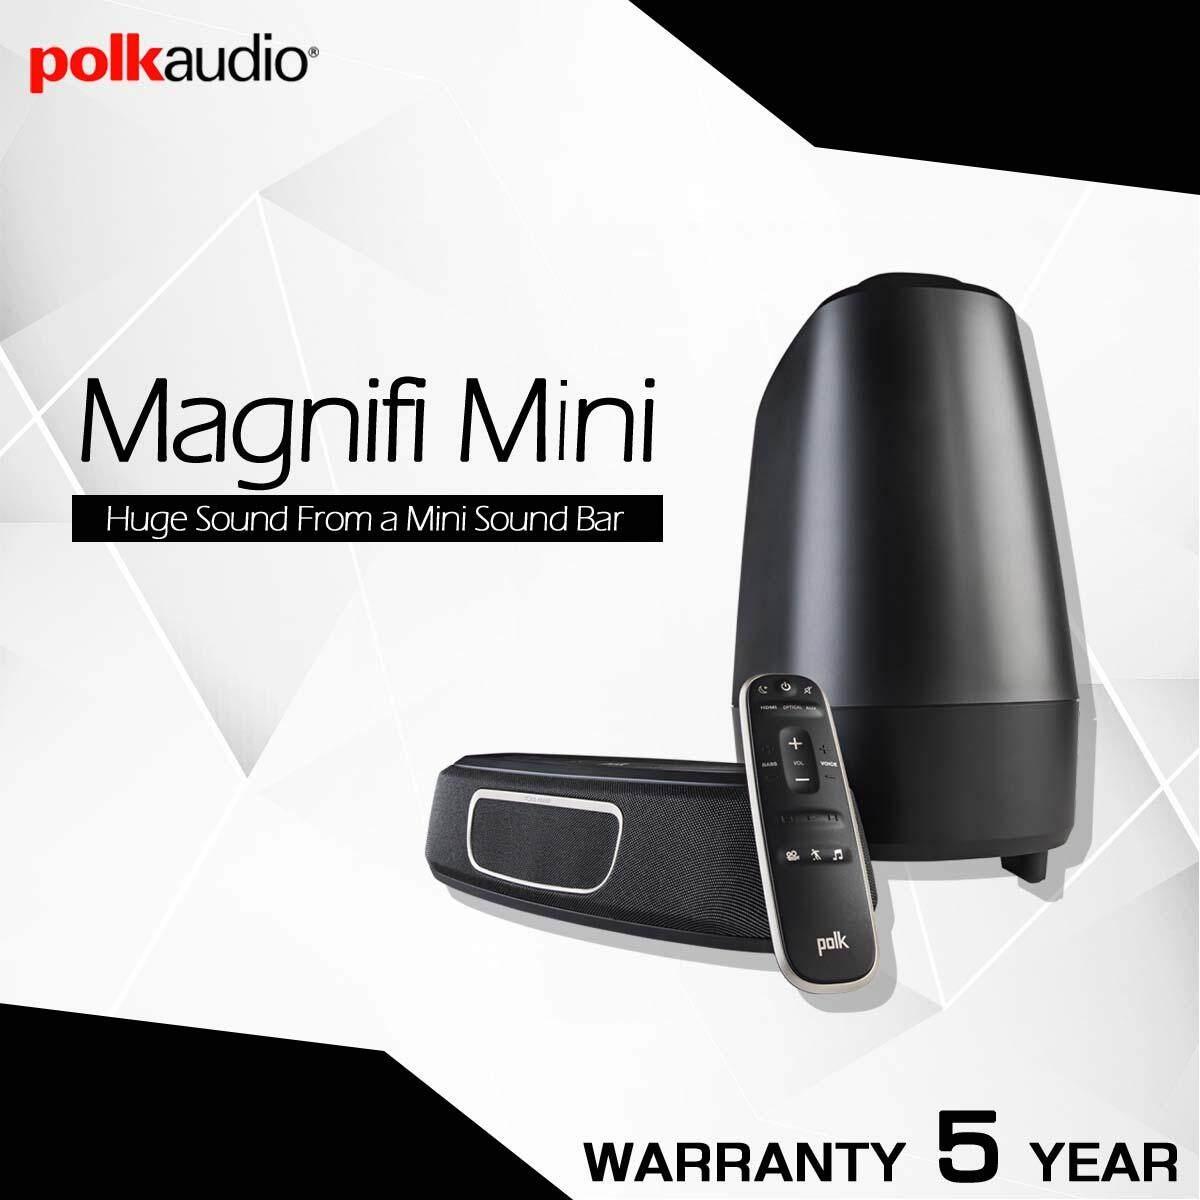 ยี่ห้อนี้ดีไหม  ชัยนาท Polk Audio MagniFi Mini Home Theater Sound Bar System รับประกัน 5ปี ศูนย์ POWER BUY จากผู้นำเข้าอย่างเป็นทางการ